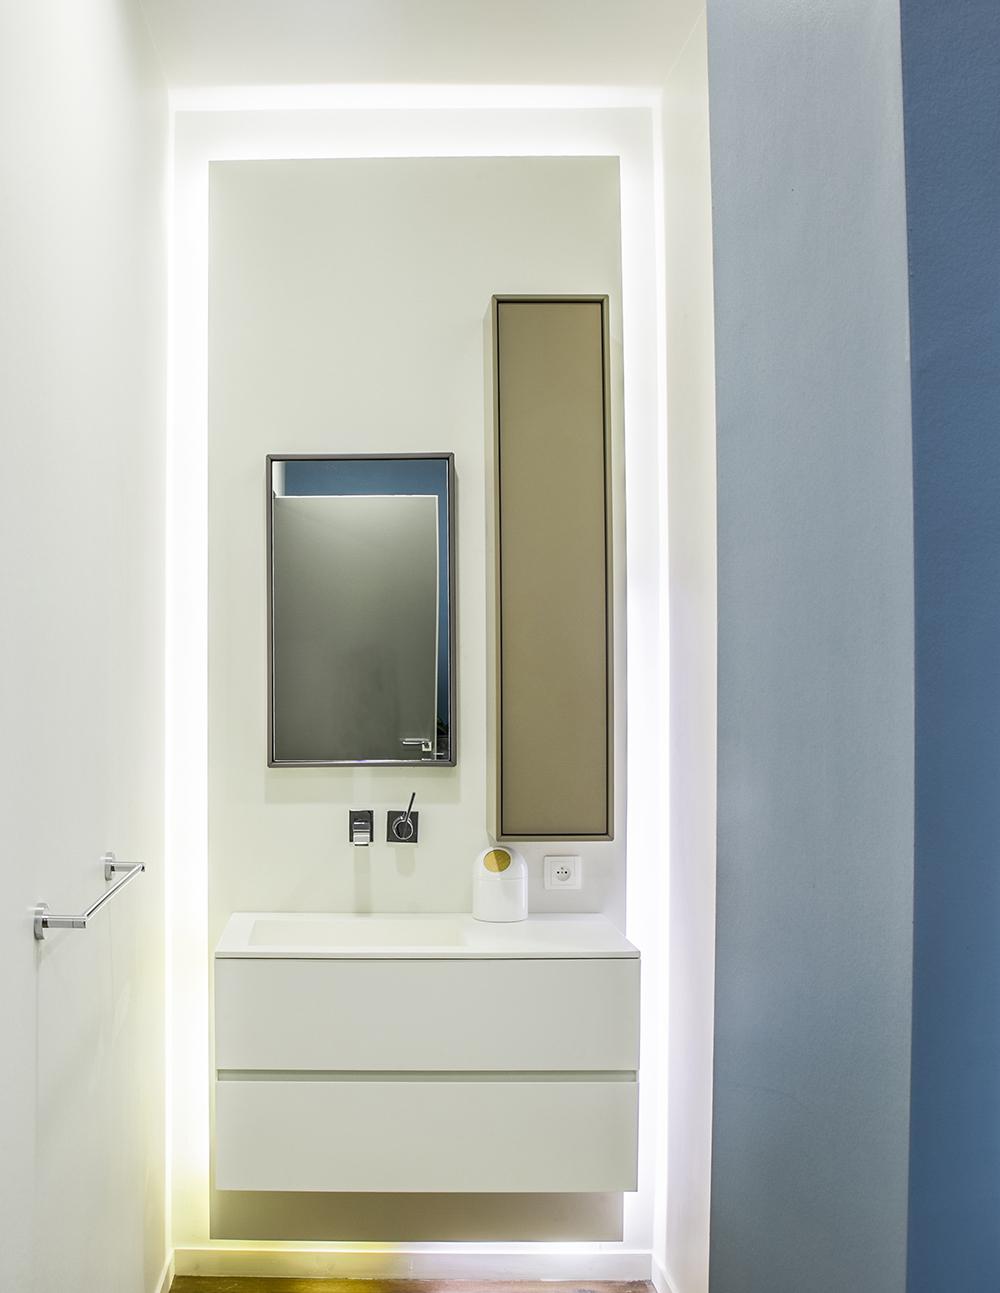 vasque-lavabo-salle d eau-design - Fabien DENIS